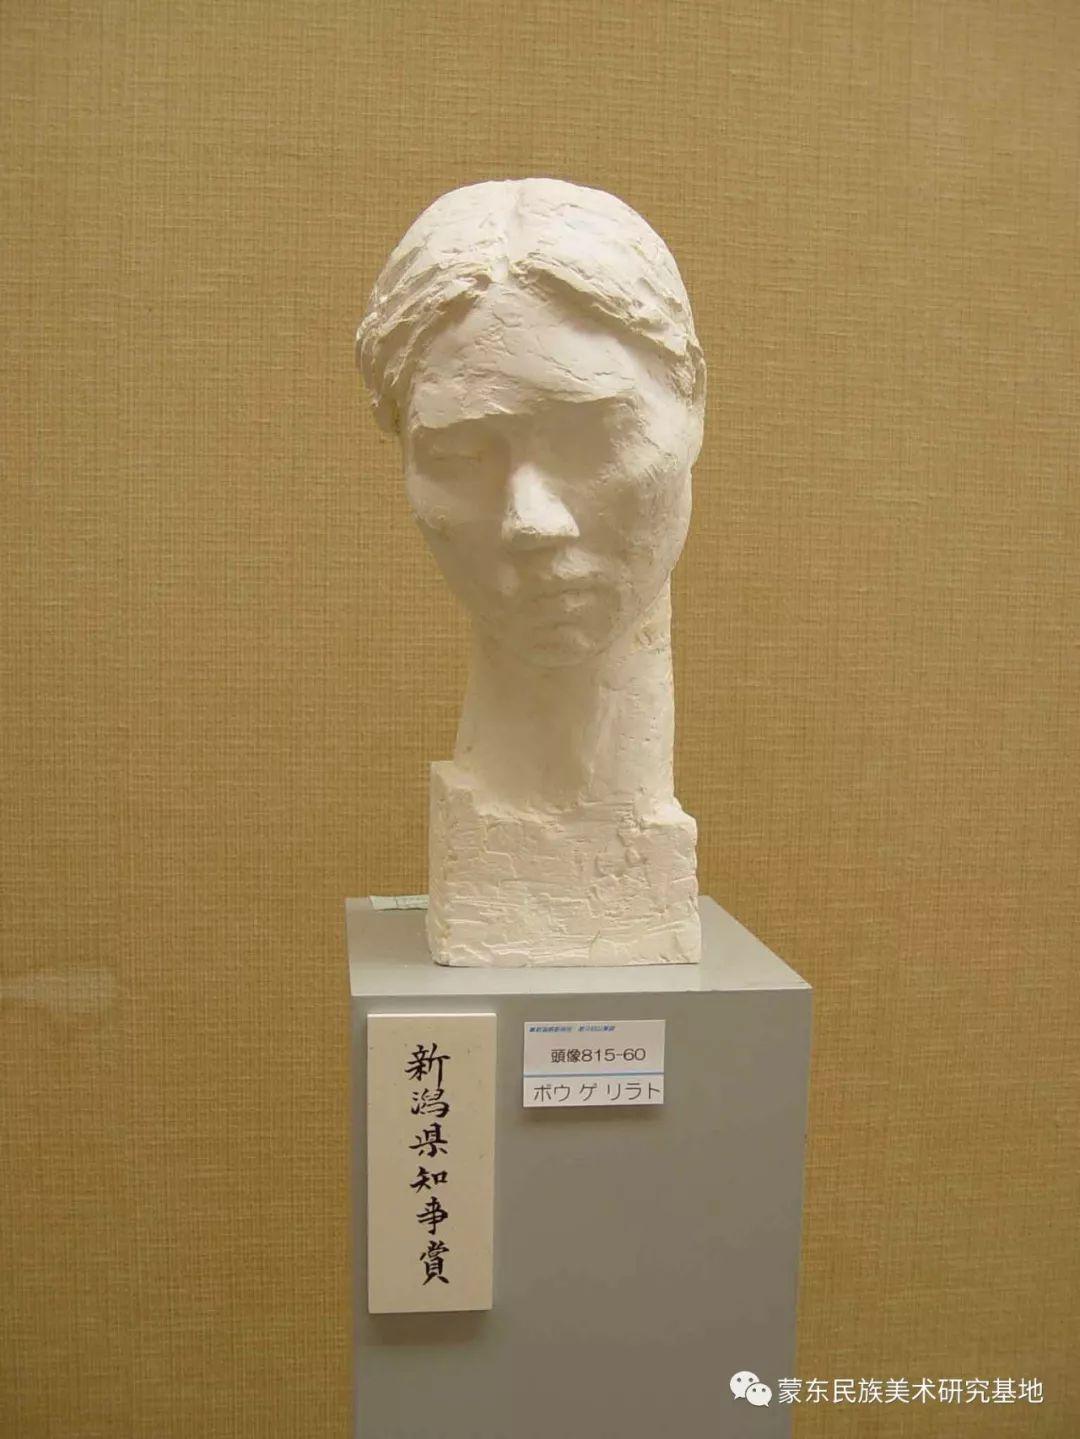 包格日乐吐作品——头像雕塑系列(二) 第12张 包格日乐吐作品——头像雕塑系列(二) 蒙古画廊